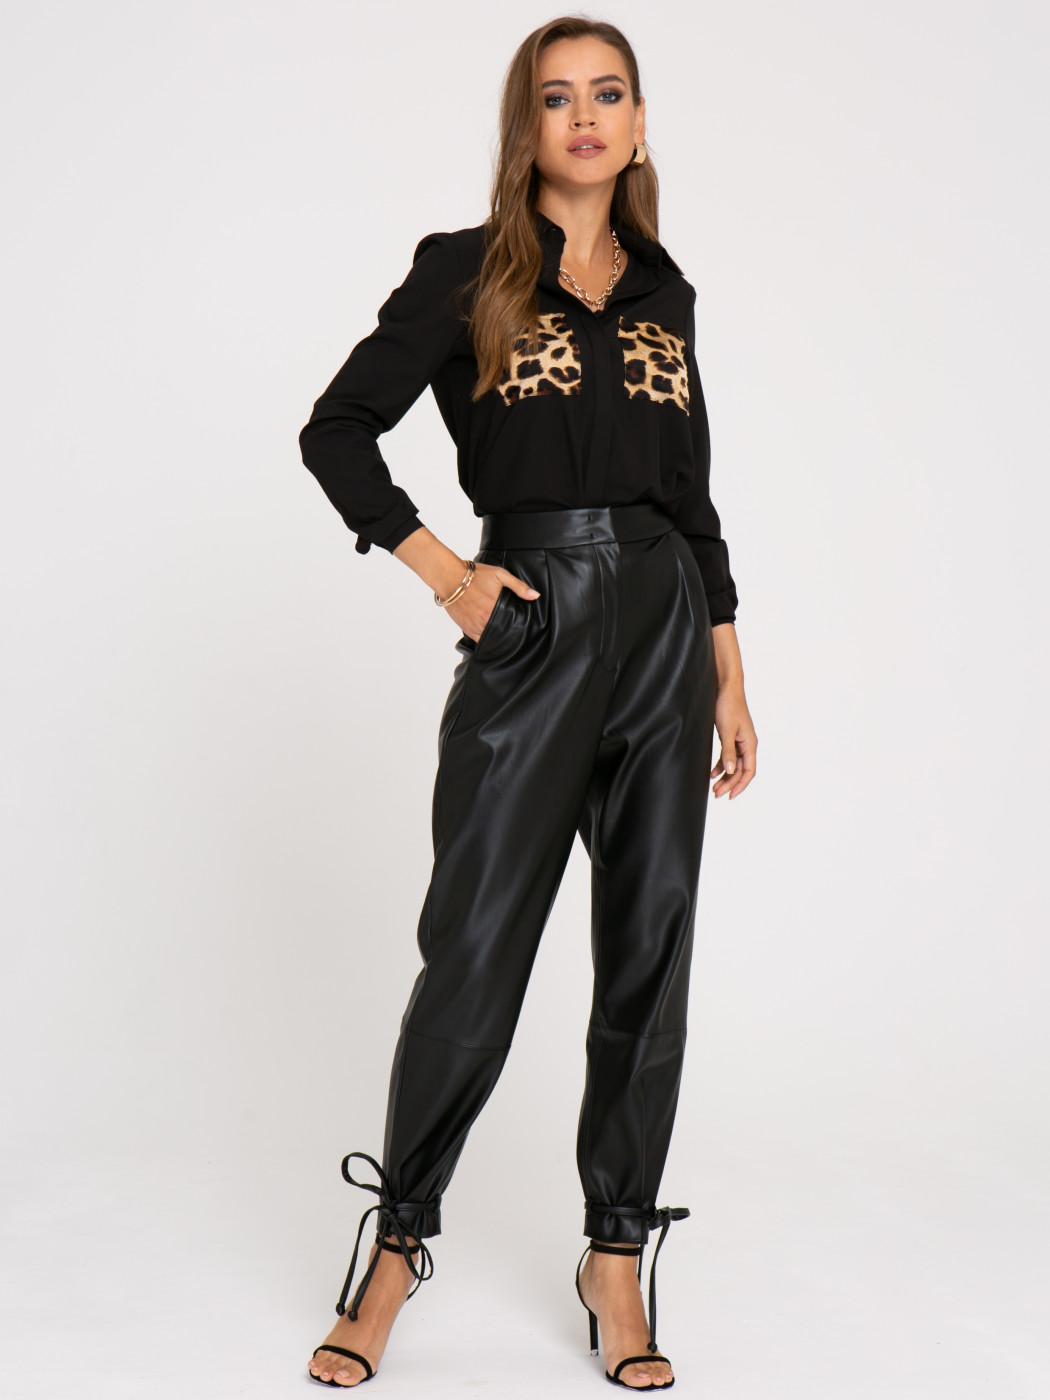 Блузка А402 цвет: черный